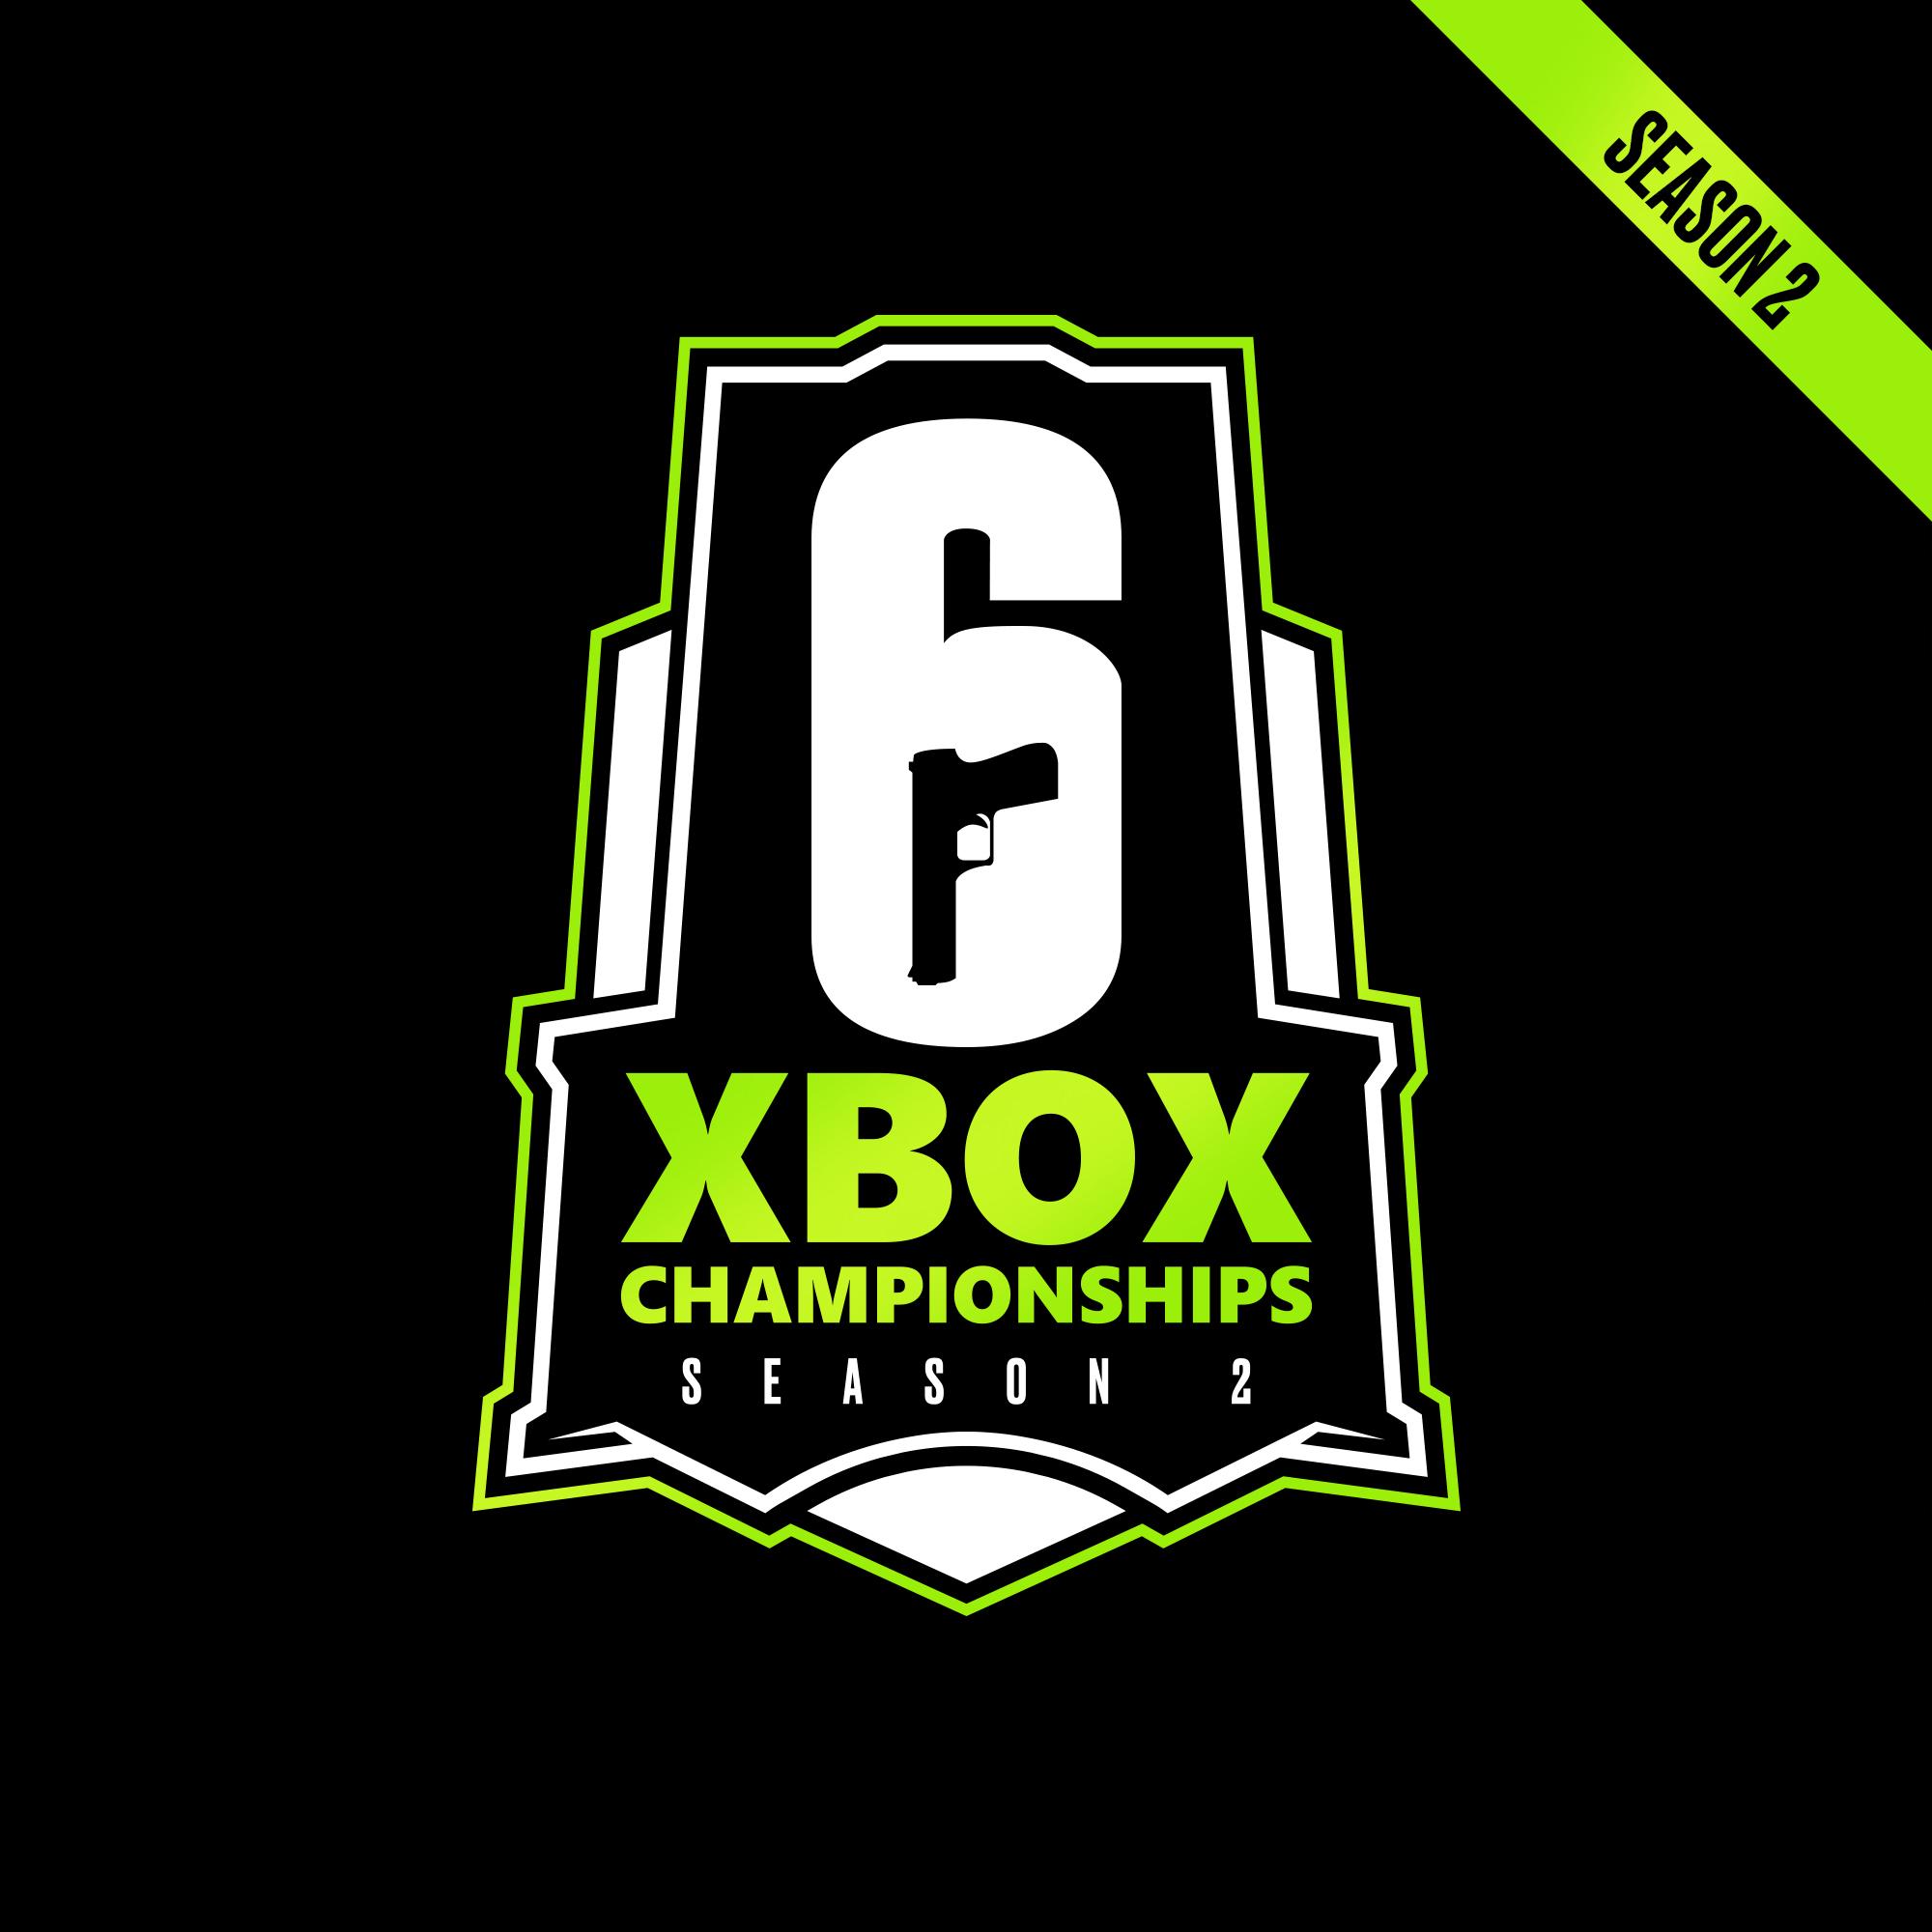 Logo Turnier R6S Xbox Championships Season #2 [Quali 1]